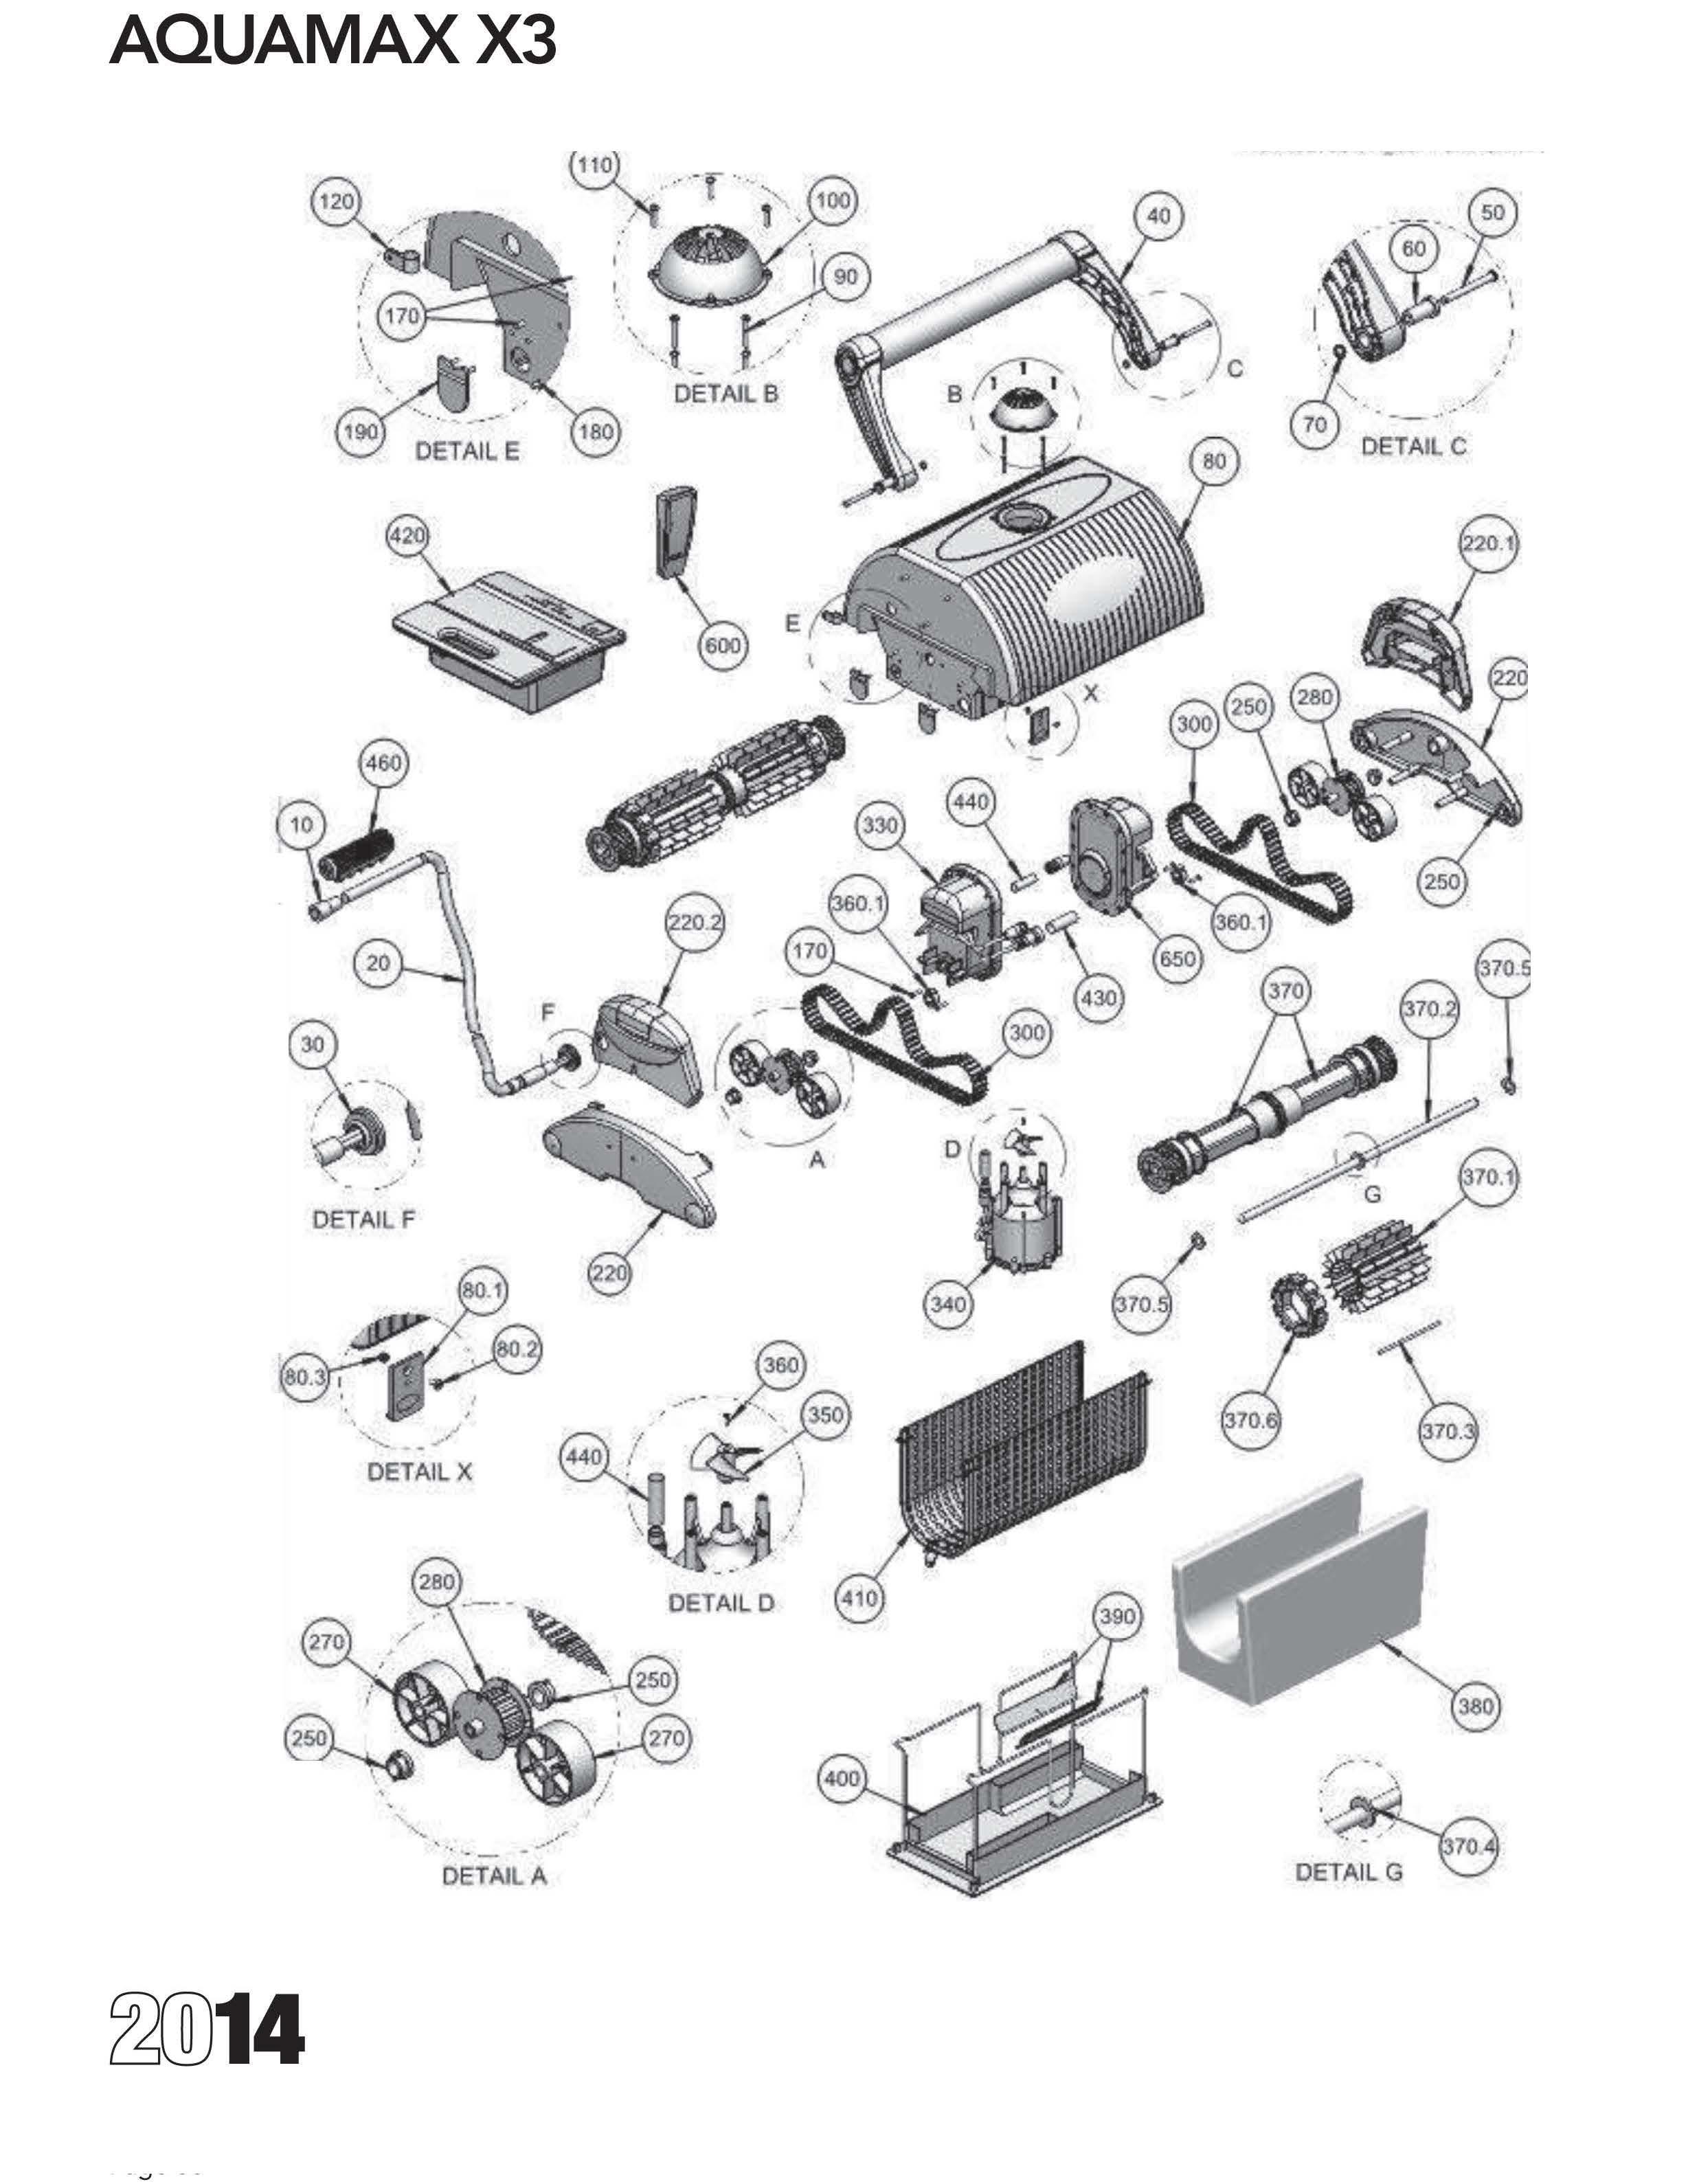 Aquamax X3 Parts Diagram And Parts List